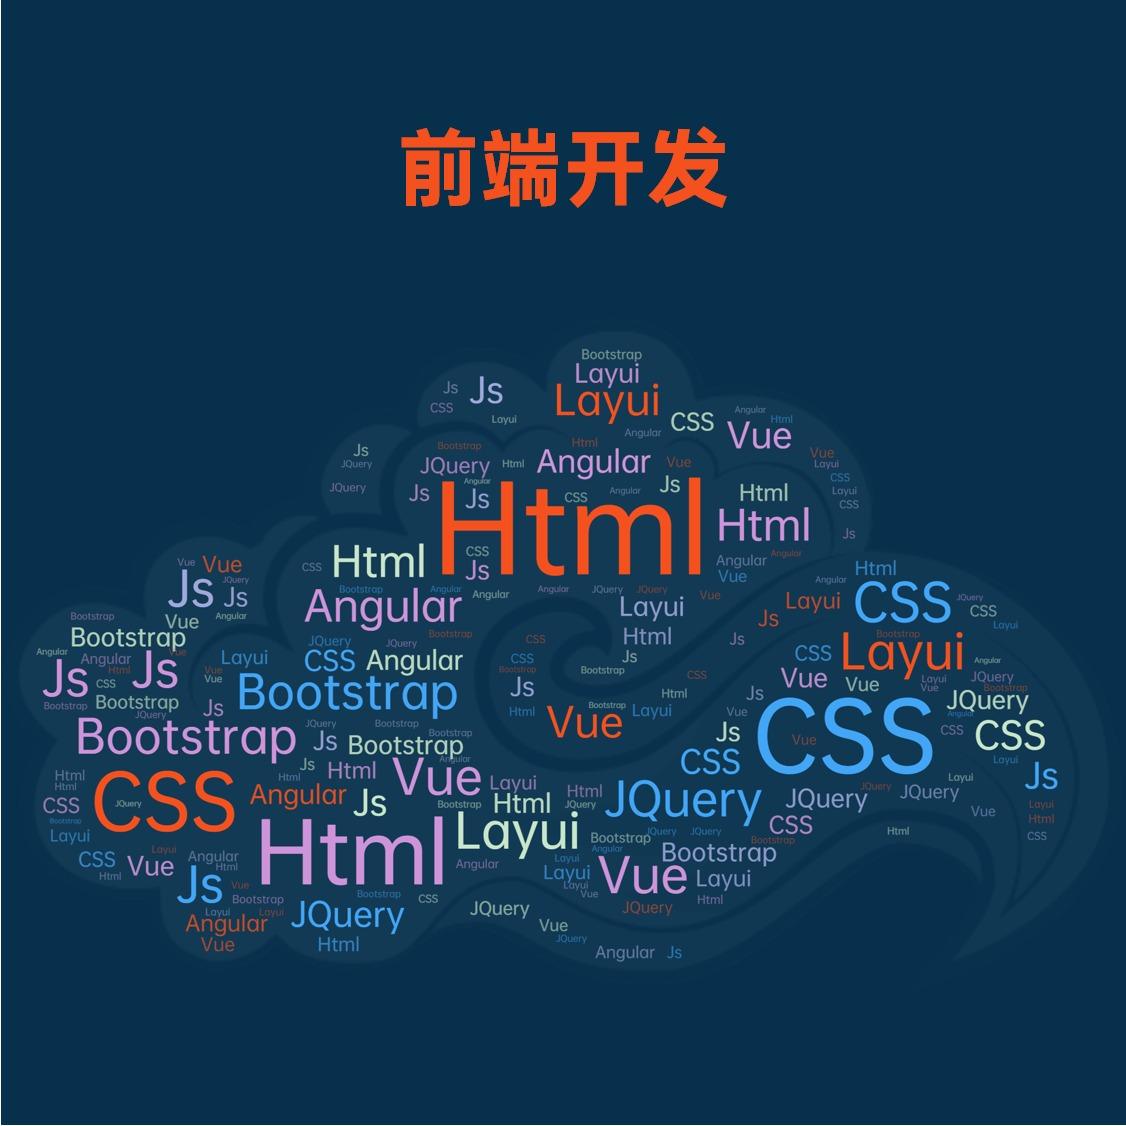 移动前端定制切图交互响应布局JS组件Ajax交互Vue框架